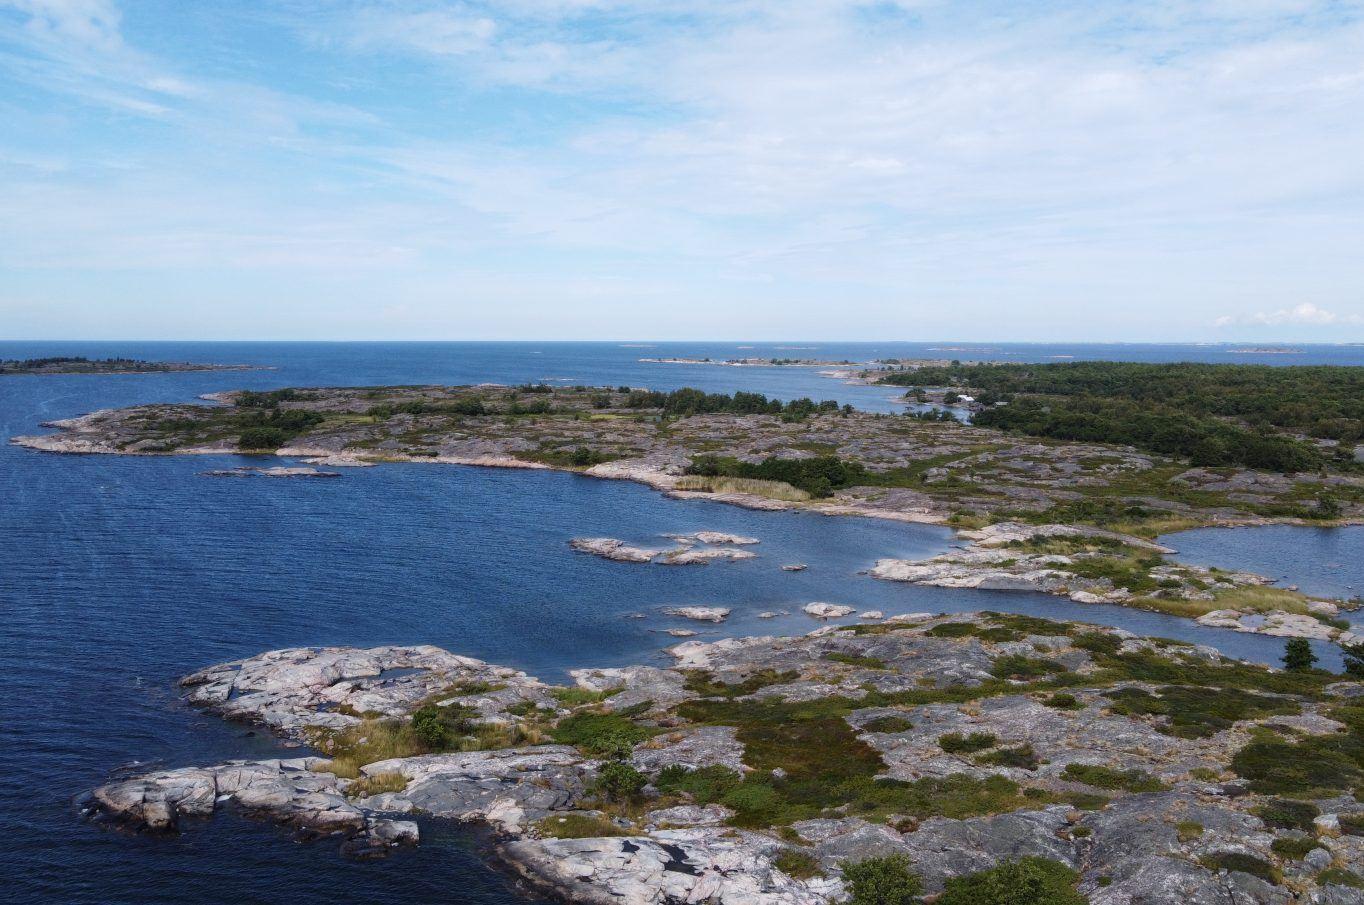 Strandområde på Porsskär samt angränsande Södra holmen, båda i Porsskär, Brändö